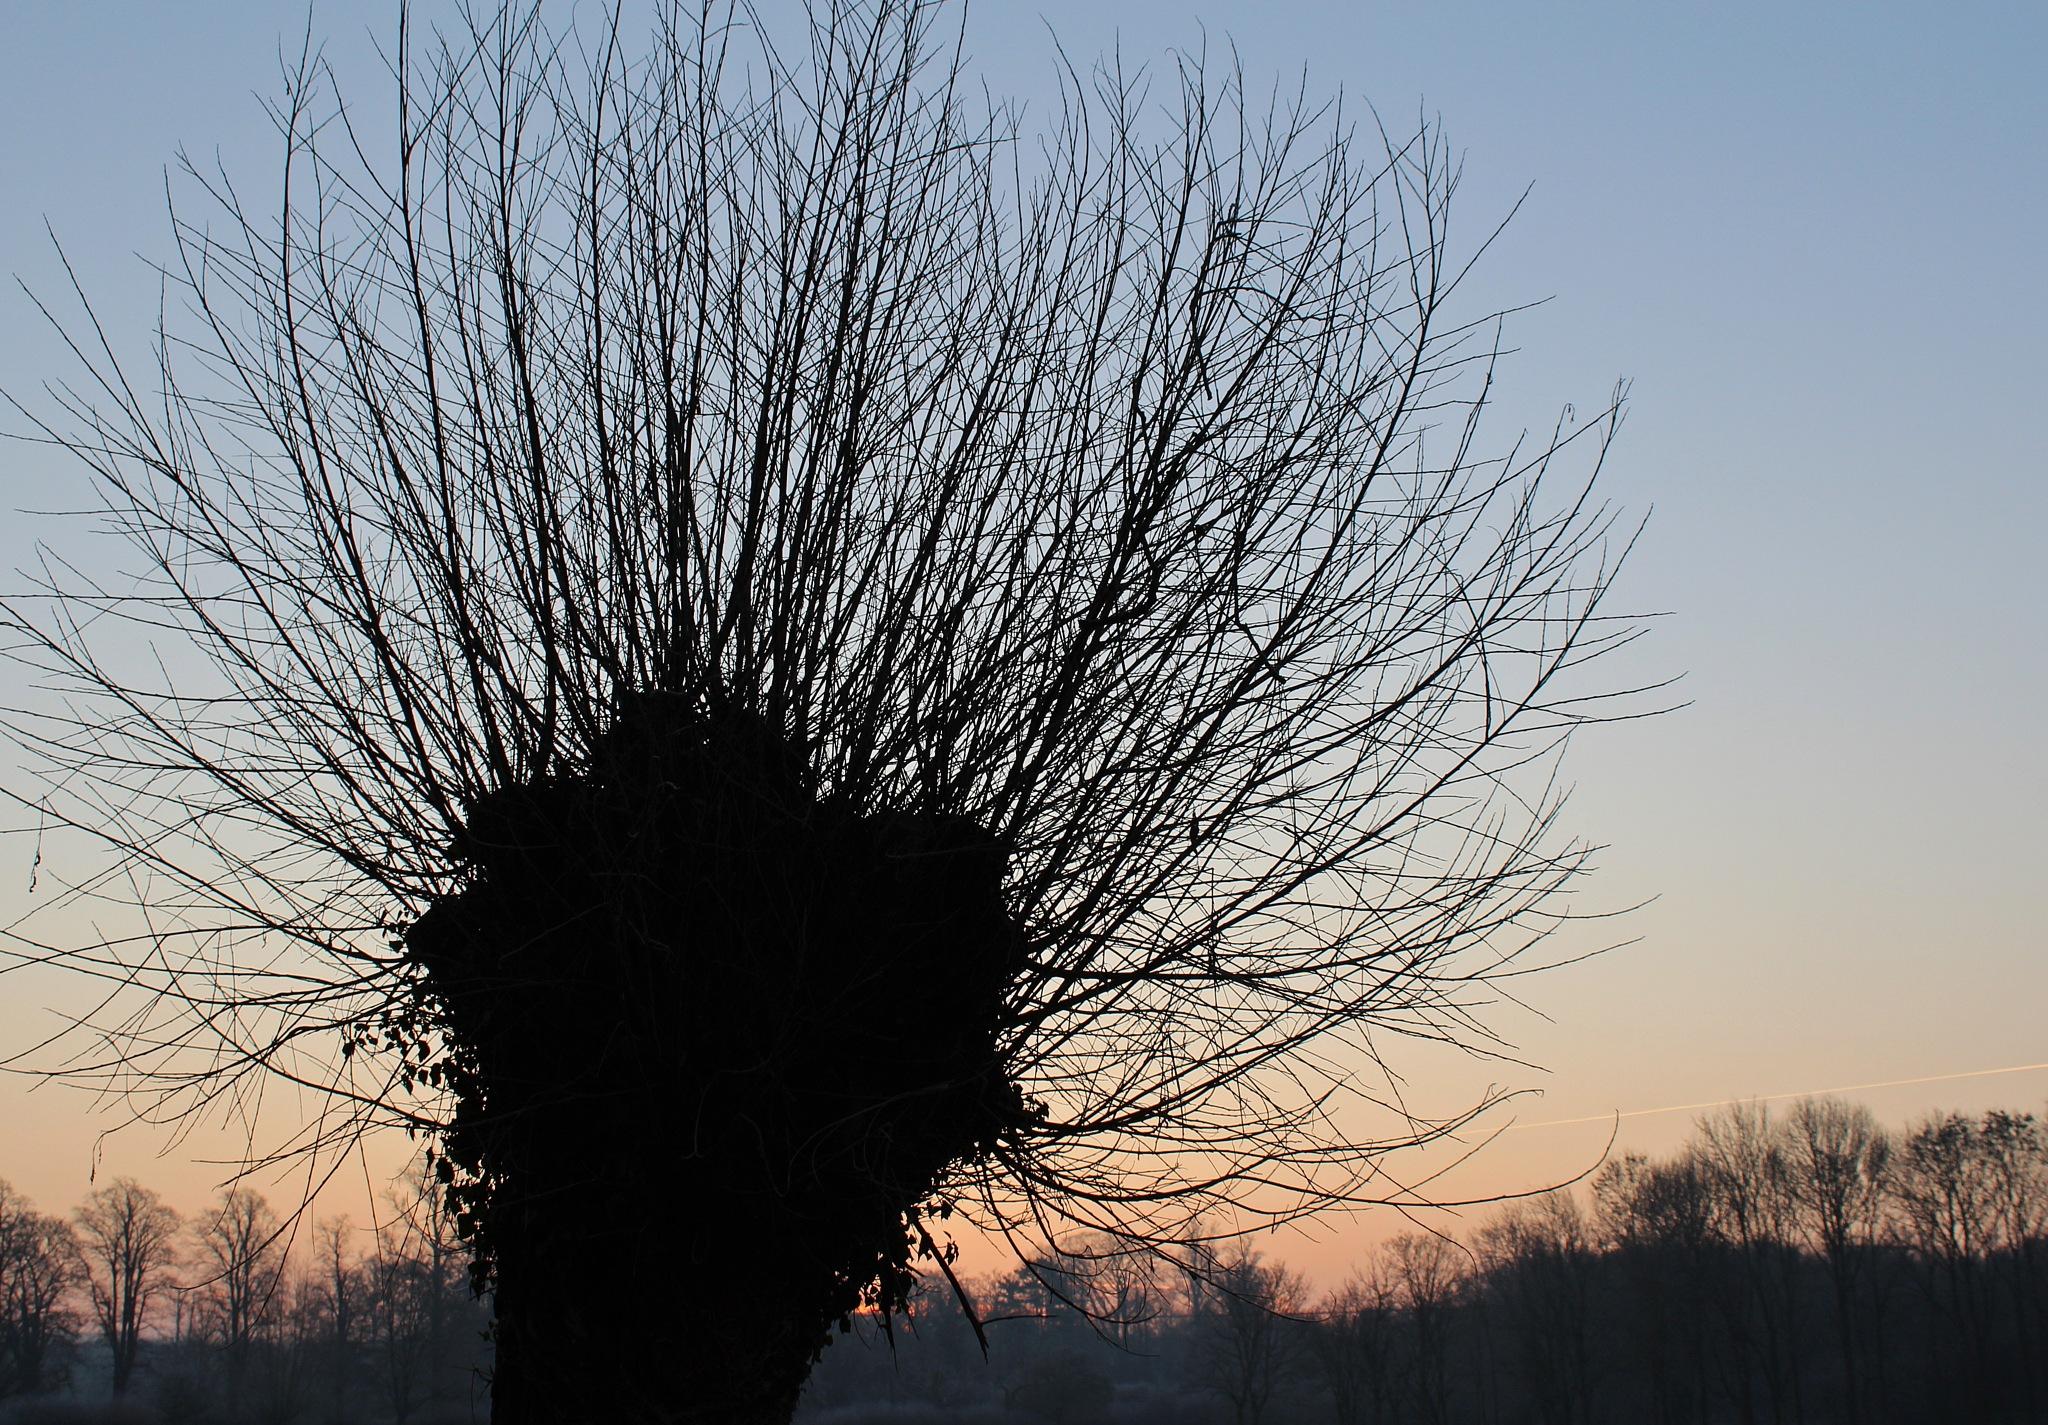 tree by Jane Rue